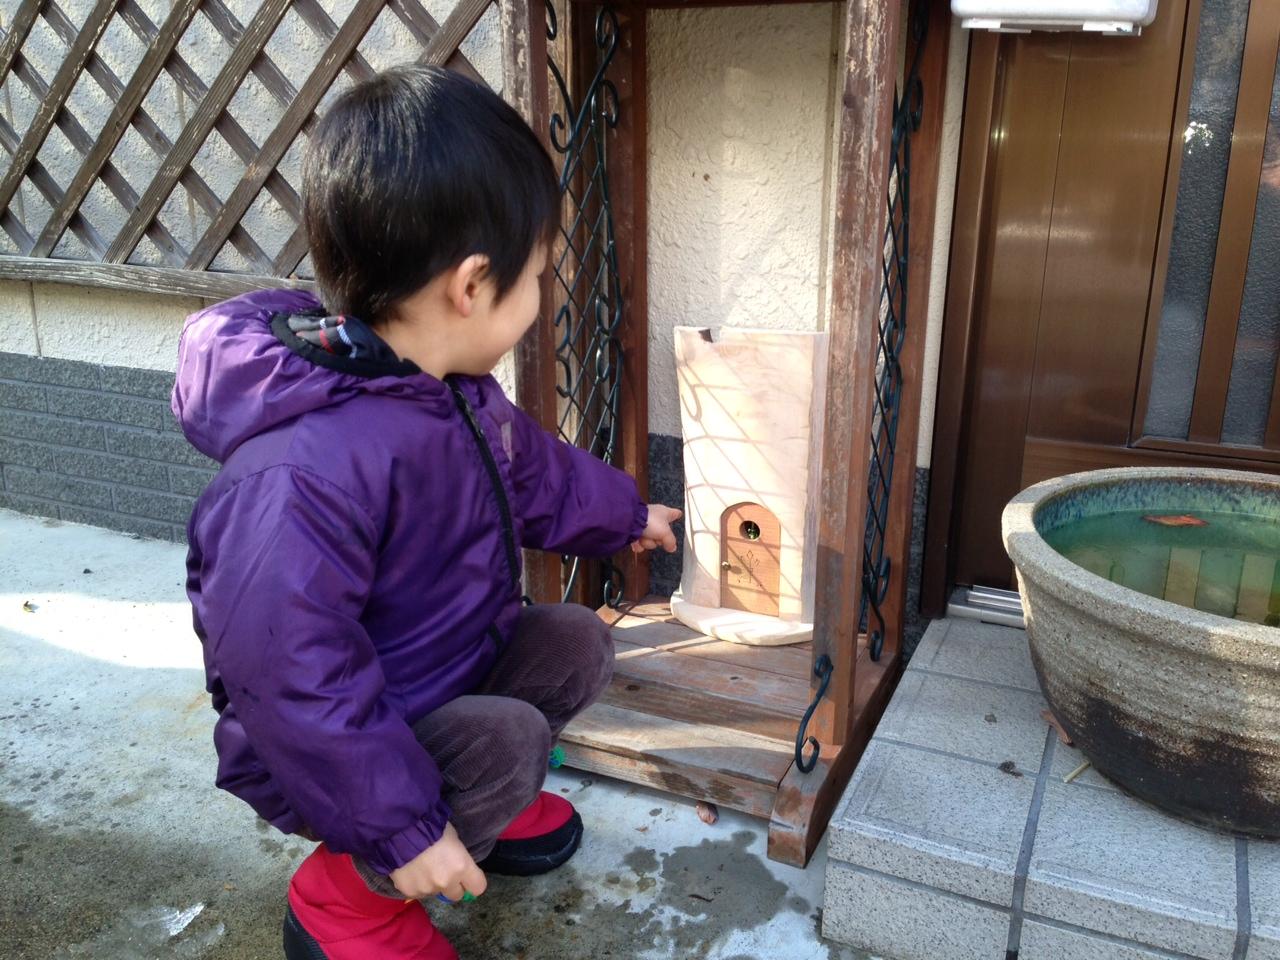 「妖精の扉プロジェクト」。街のあちこちに小さな妖精の扉を作成。子どもたちはその扉の向こうに住んでいる、目には見えない小さなお友だちを想像して楽しむ